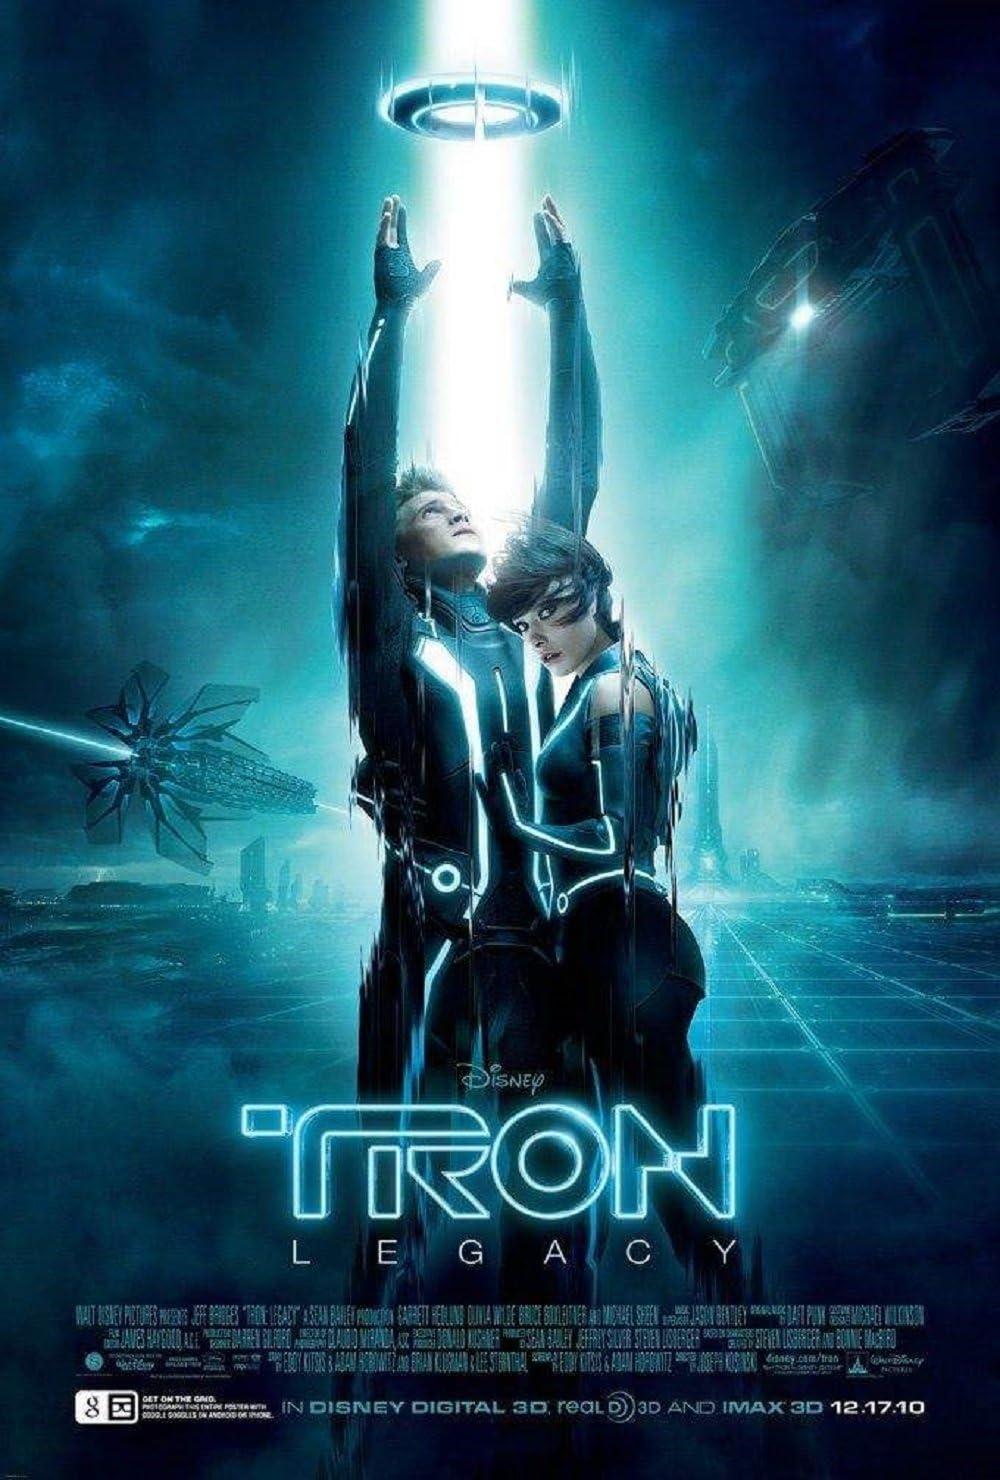 1982 Original Tron movie poster reprint